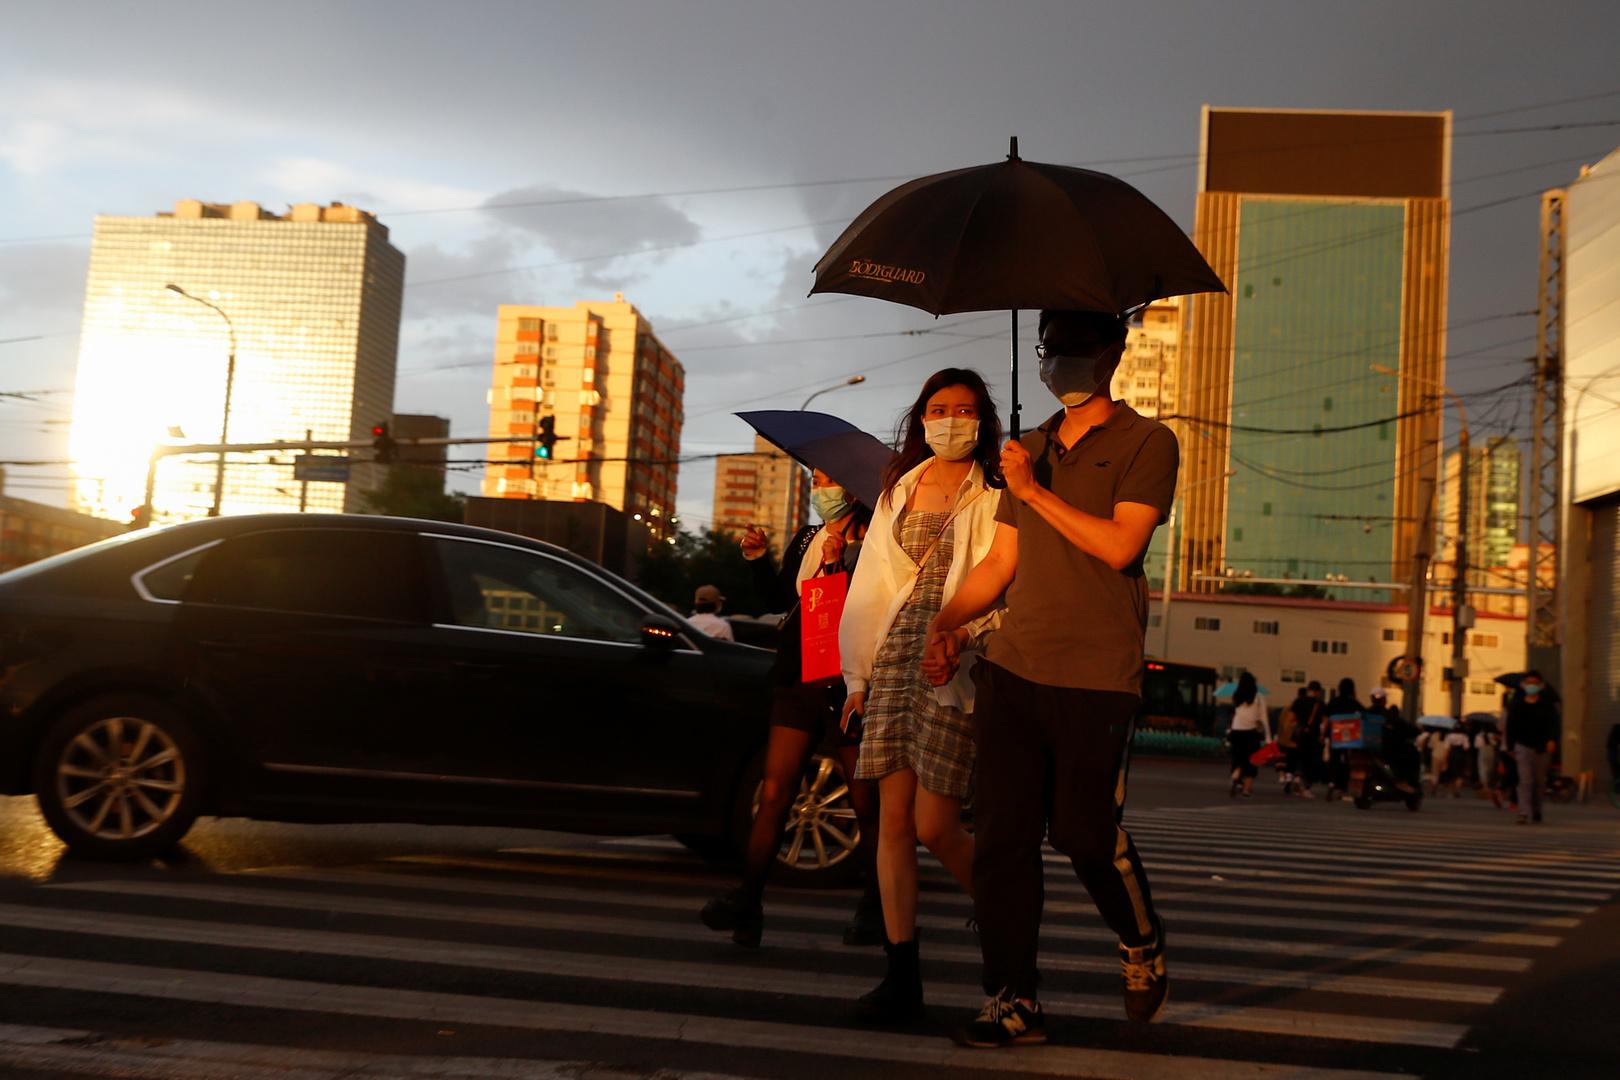 لا إصابات جديدة بكورونا في الصين خلال الـ24 ساعة الماضية